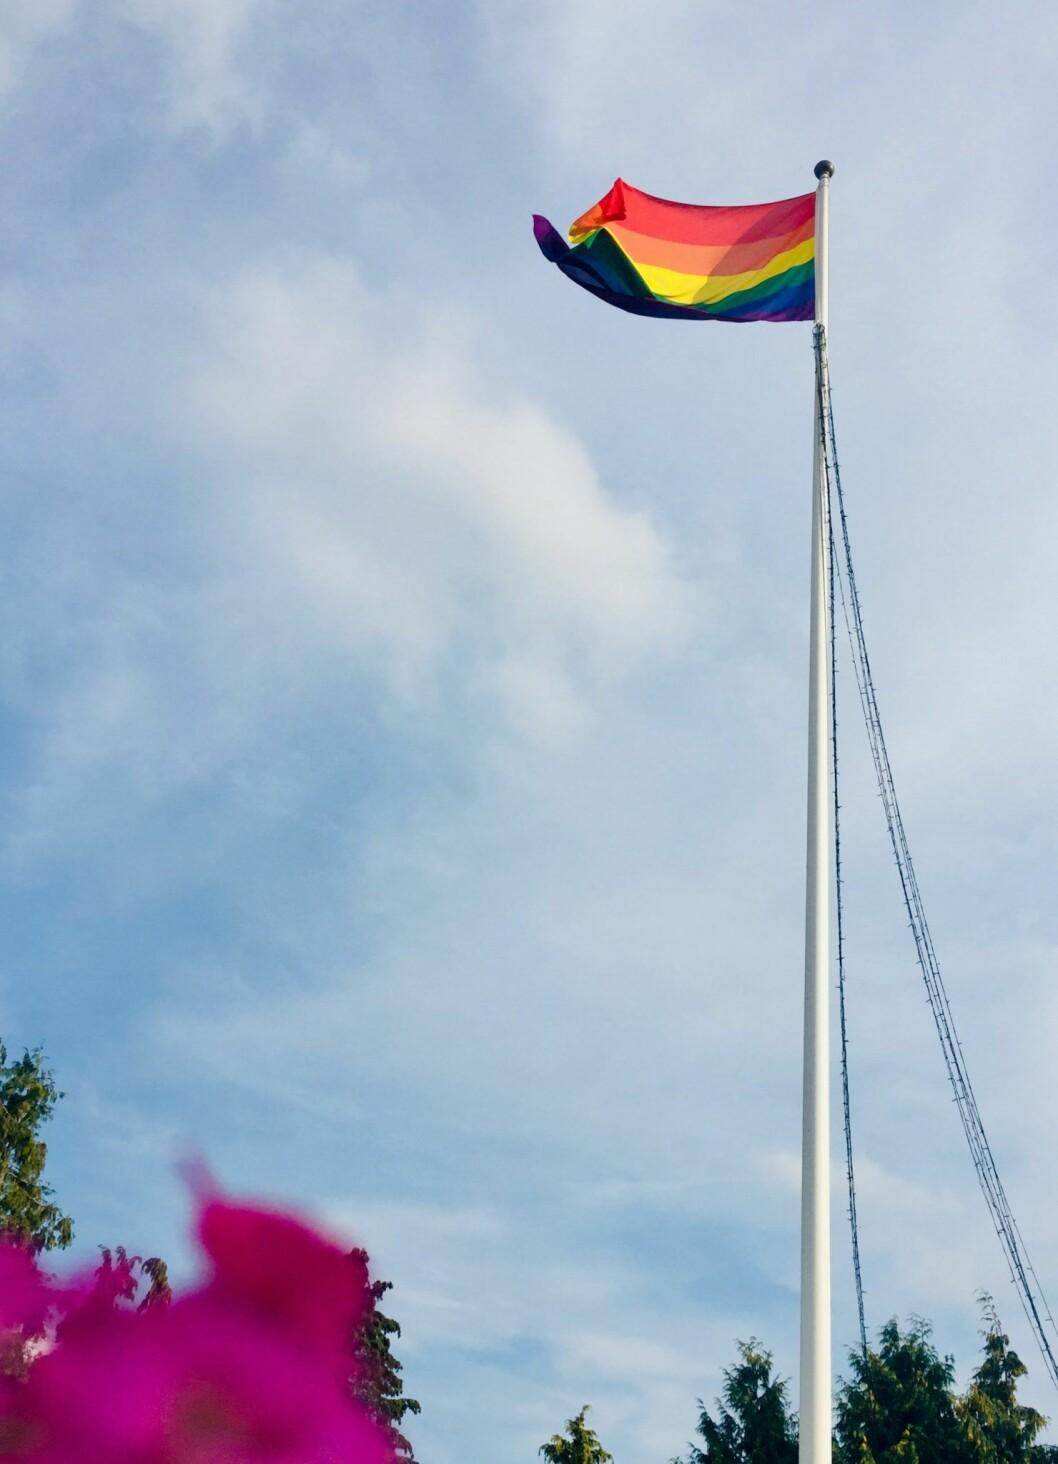 Pride-flaggan vajade i vinden under bröllopsfesten.